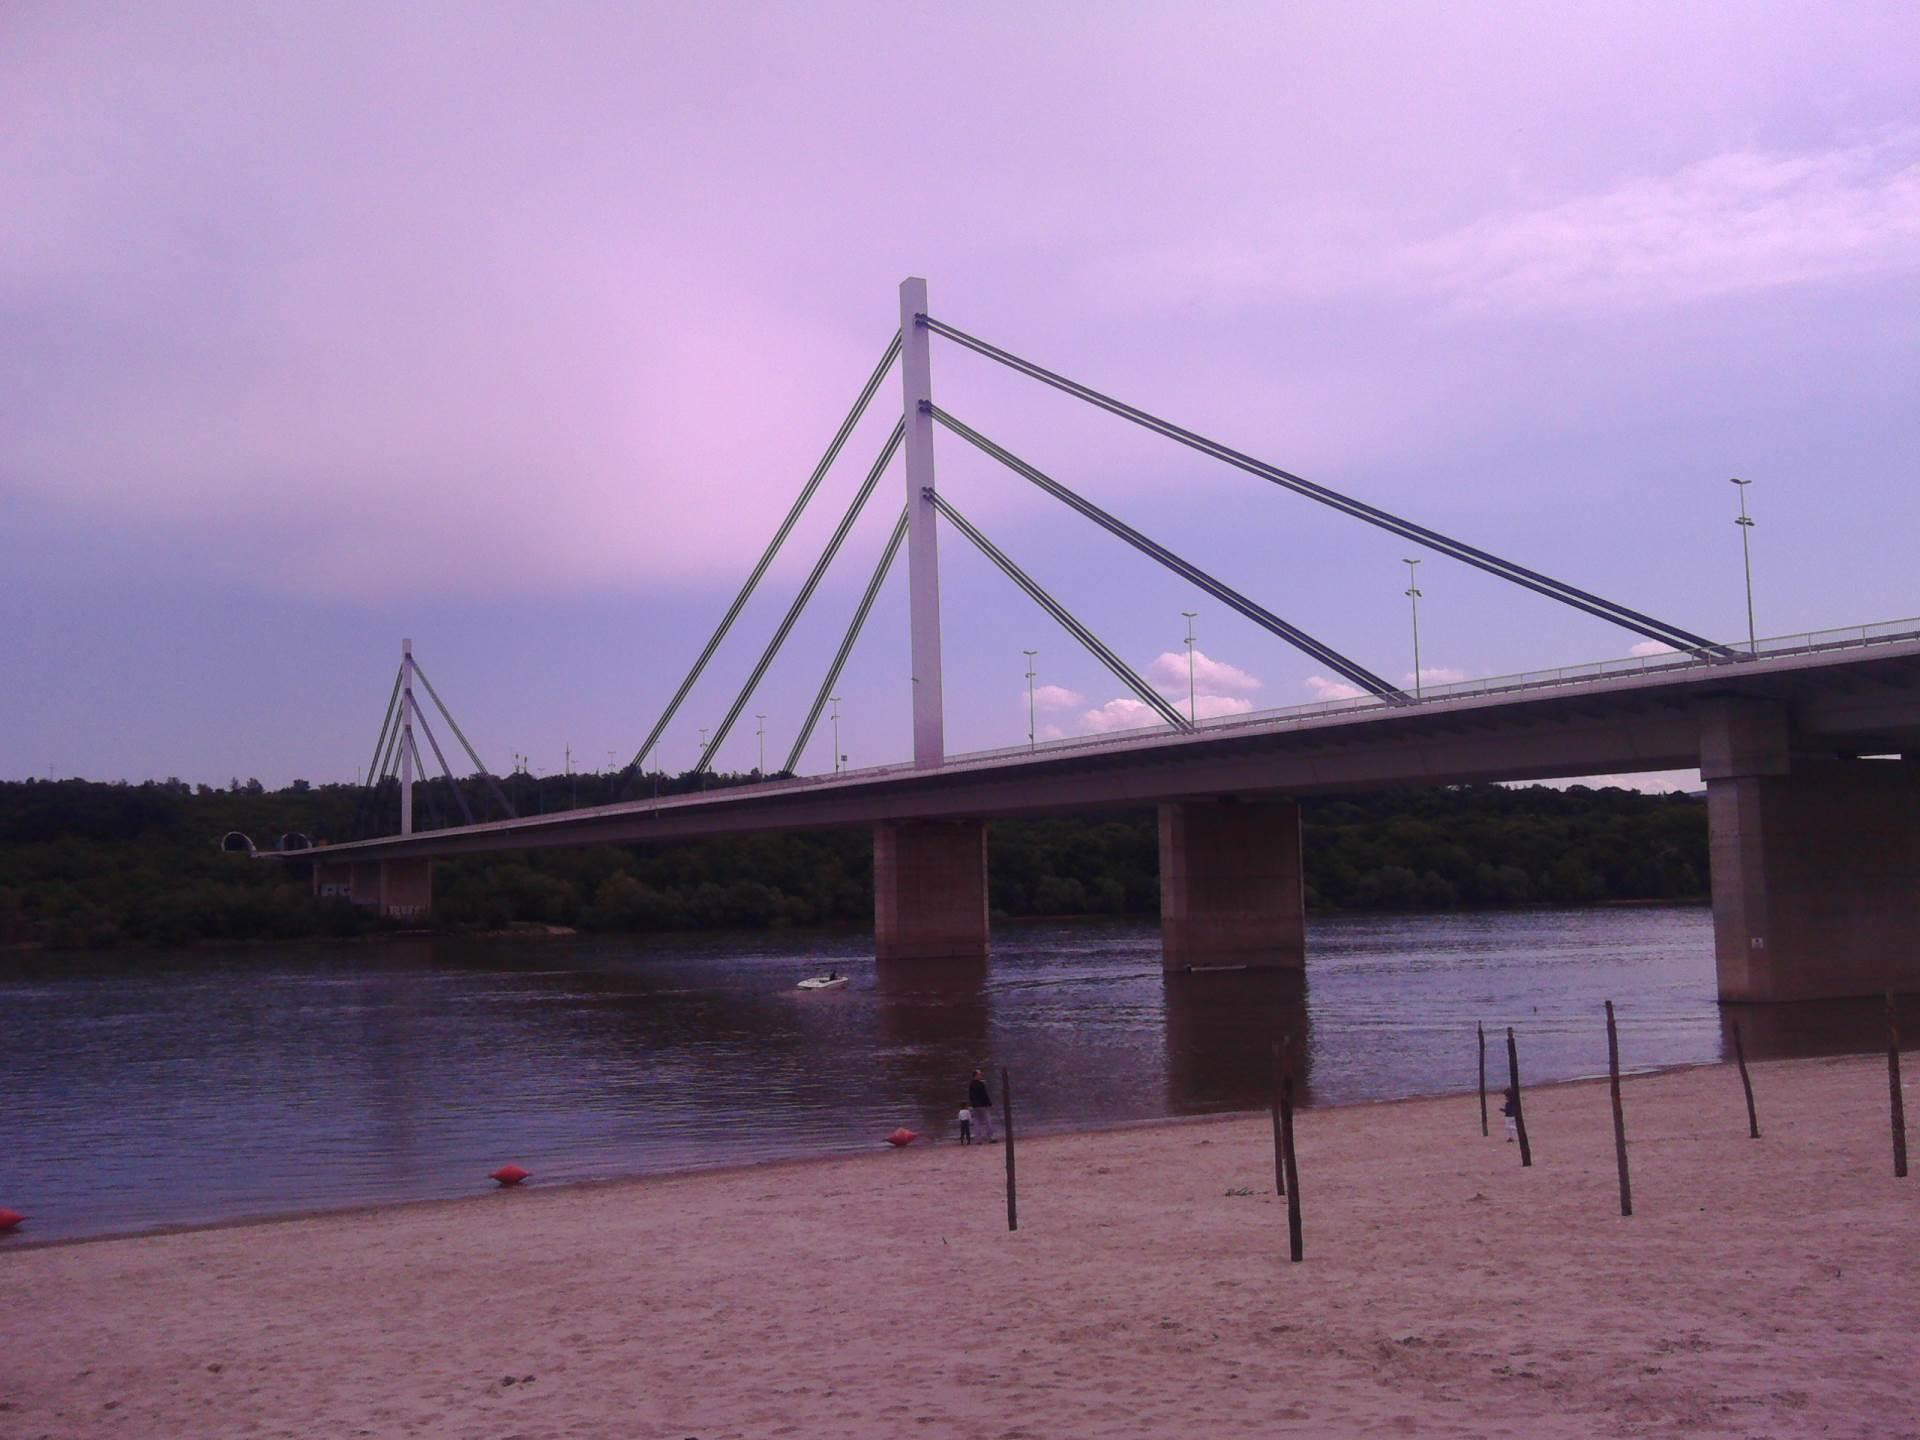 novi sad most dunav potraga